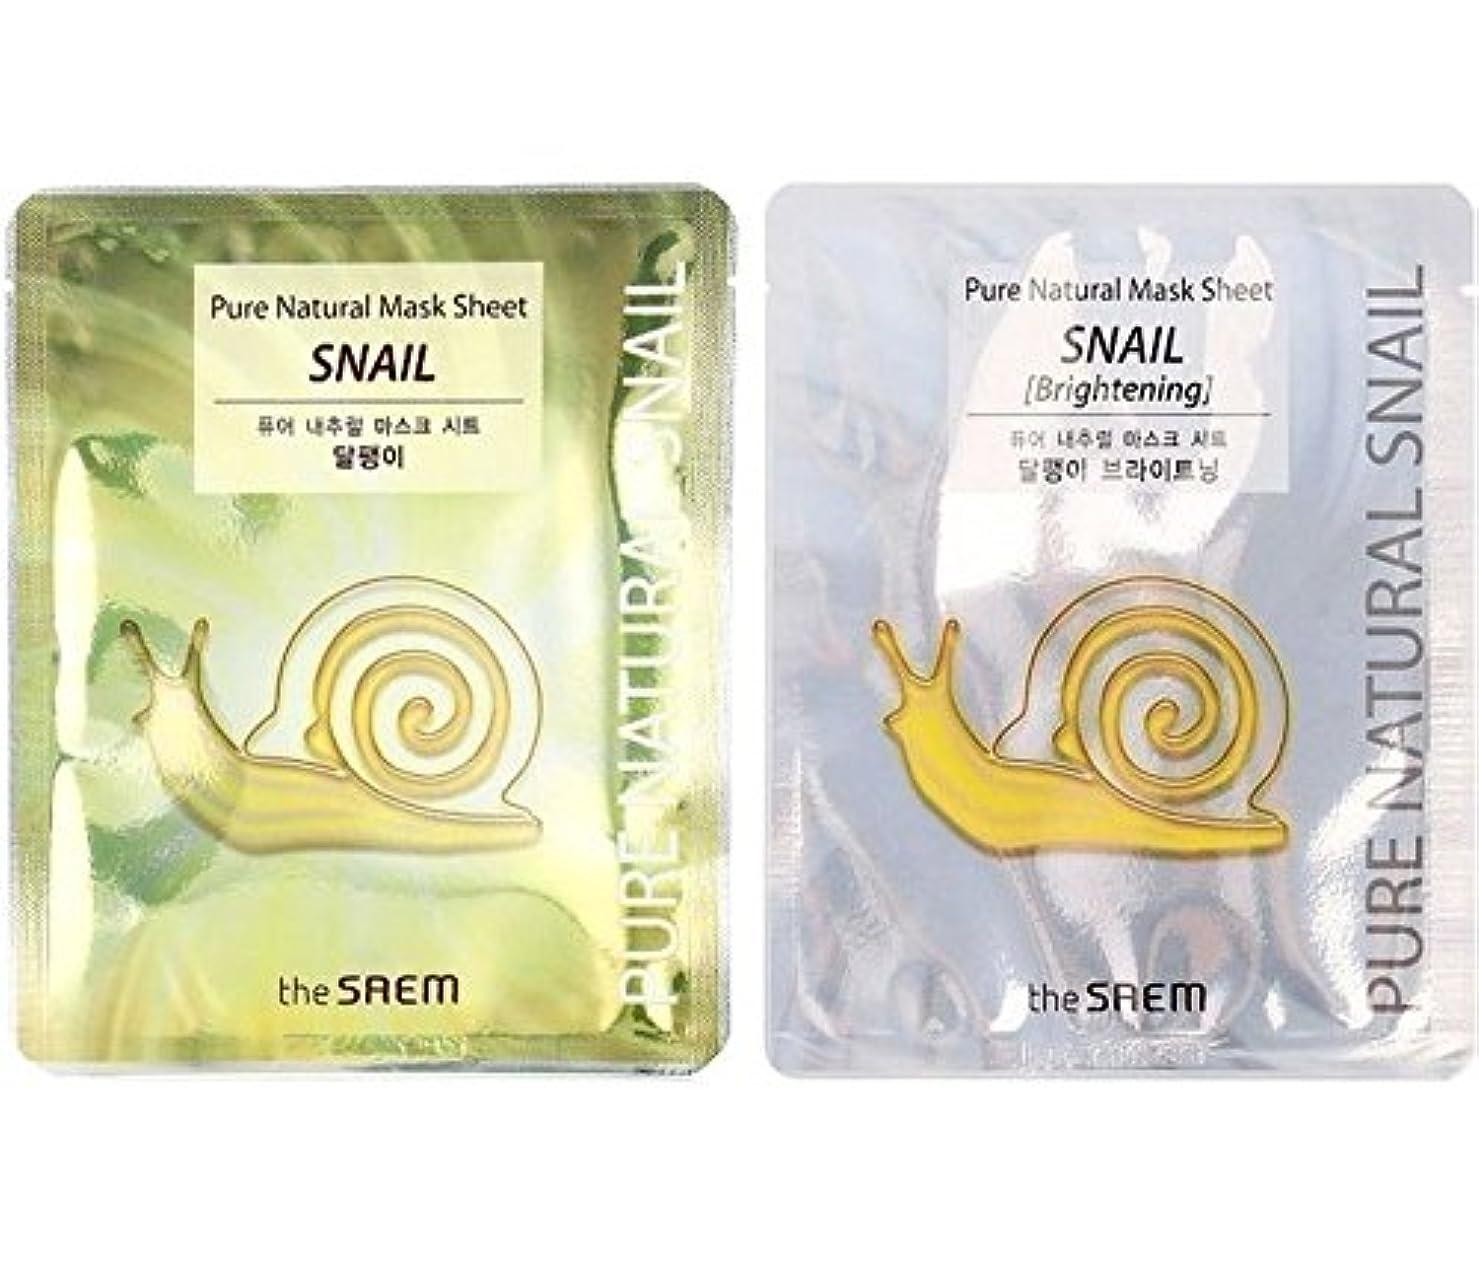 異議好き他の場所(ザセム) The Saem 韓国マスクパックカタツムリ20枚セット(10+10) ピュアナチュラルマスクシートスネイルブライトニング Pure Natural Mask Sheet Snail Brightening...